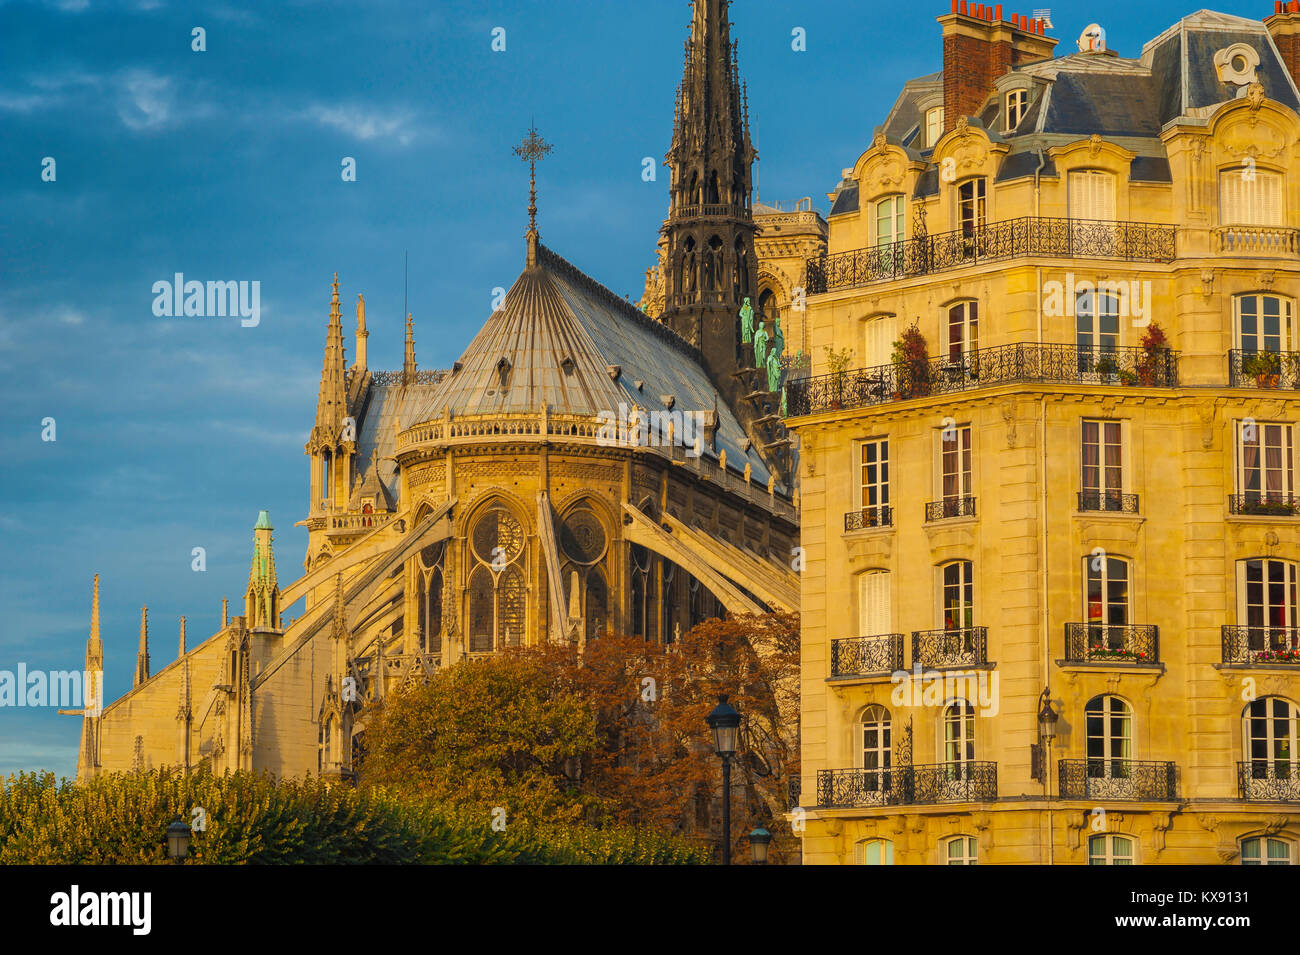 Architettura di Parigi, l'estremità est della cattedrale di Notre Dame a fianco di un tipico del XIX secolo Immagini Stock